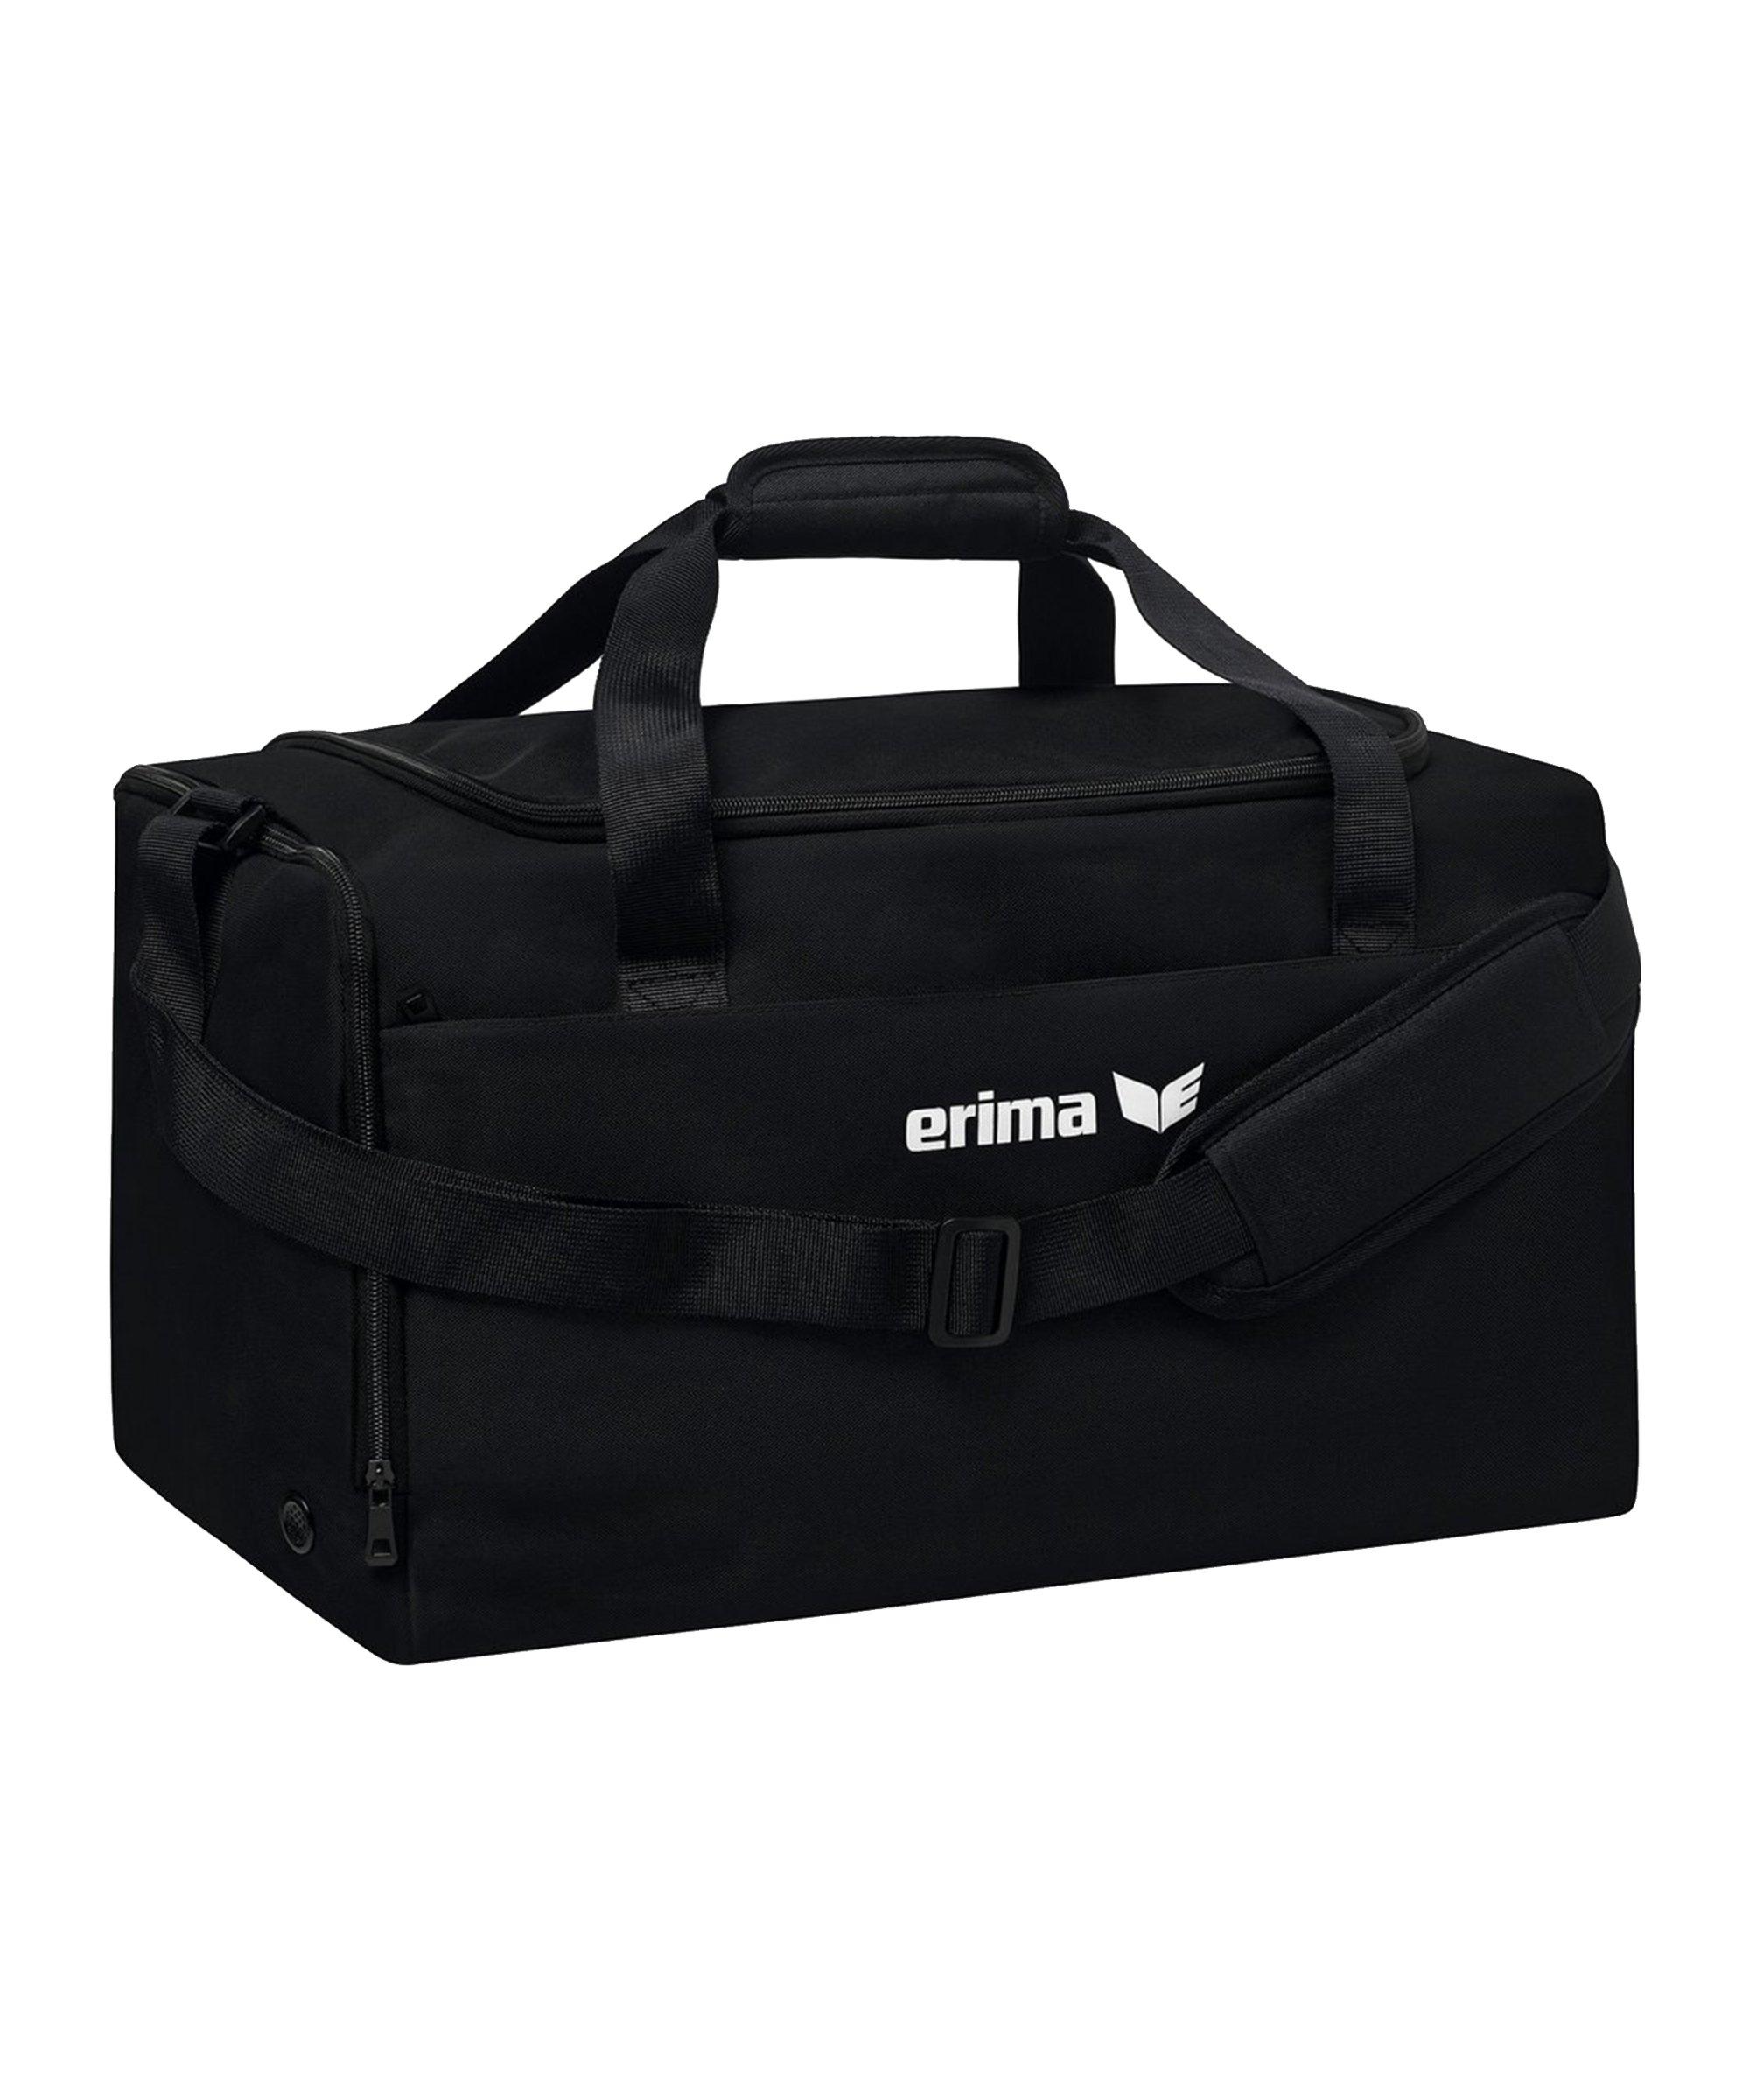 Erima TEAM Sporttasche Gr. L F950 Schwarz - schwarz